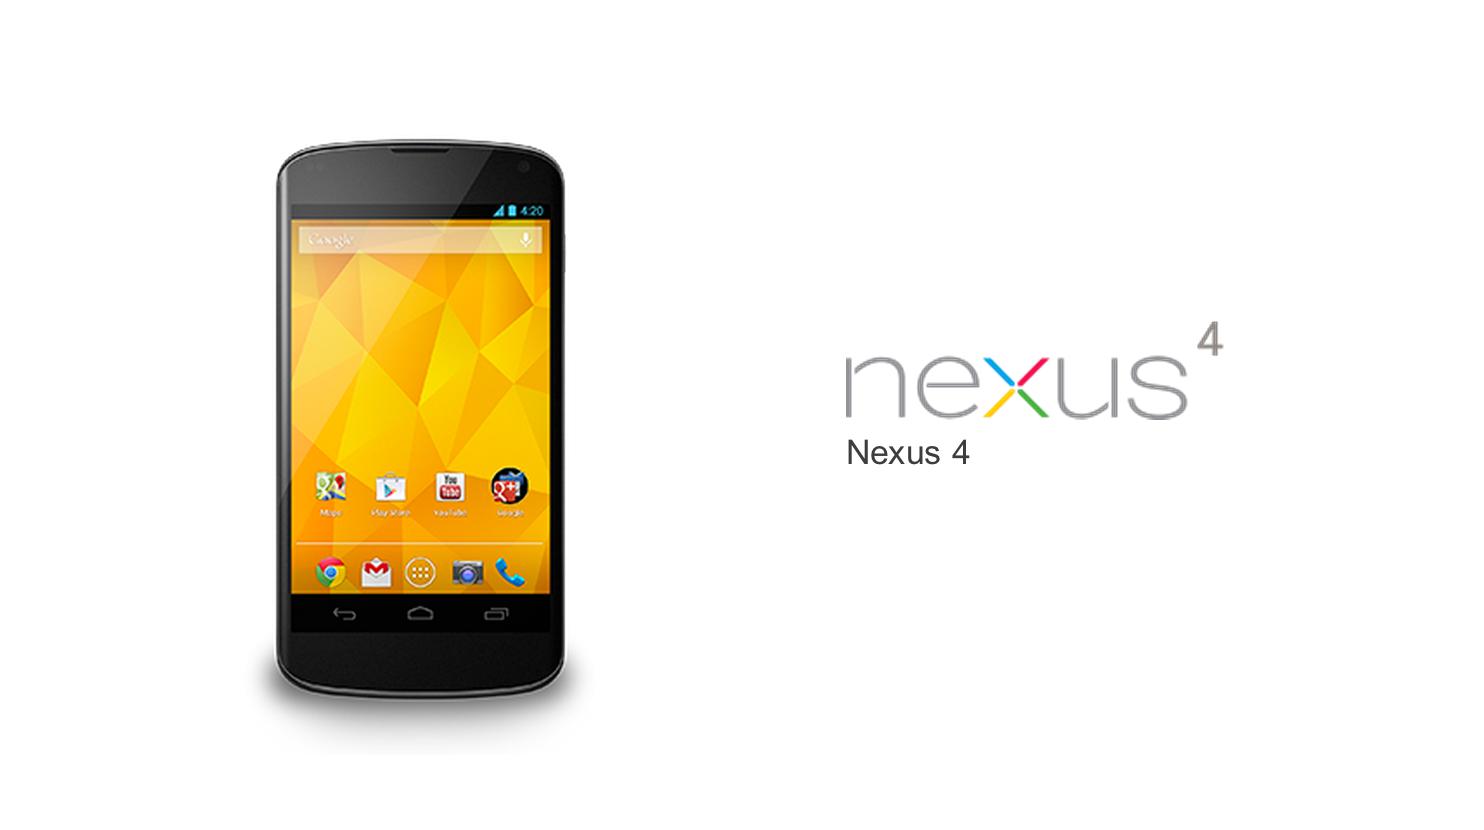 【更新】ついにNexus 4の日本発売が決定!発売日は8月30日!